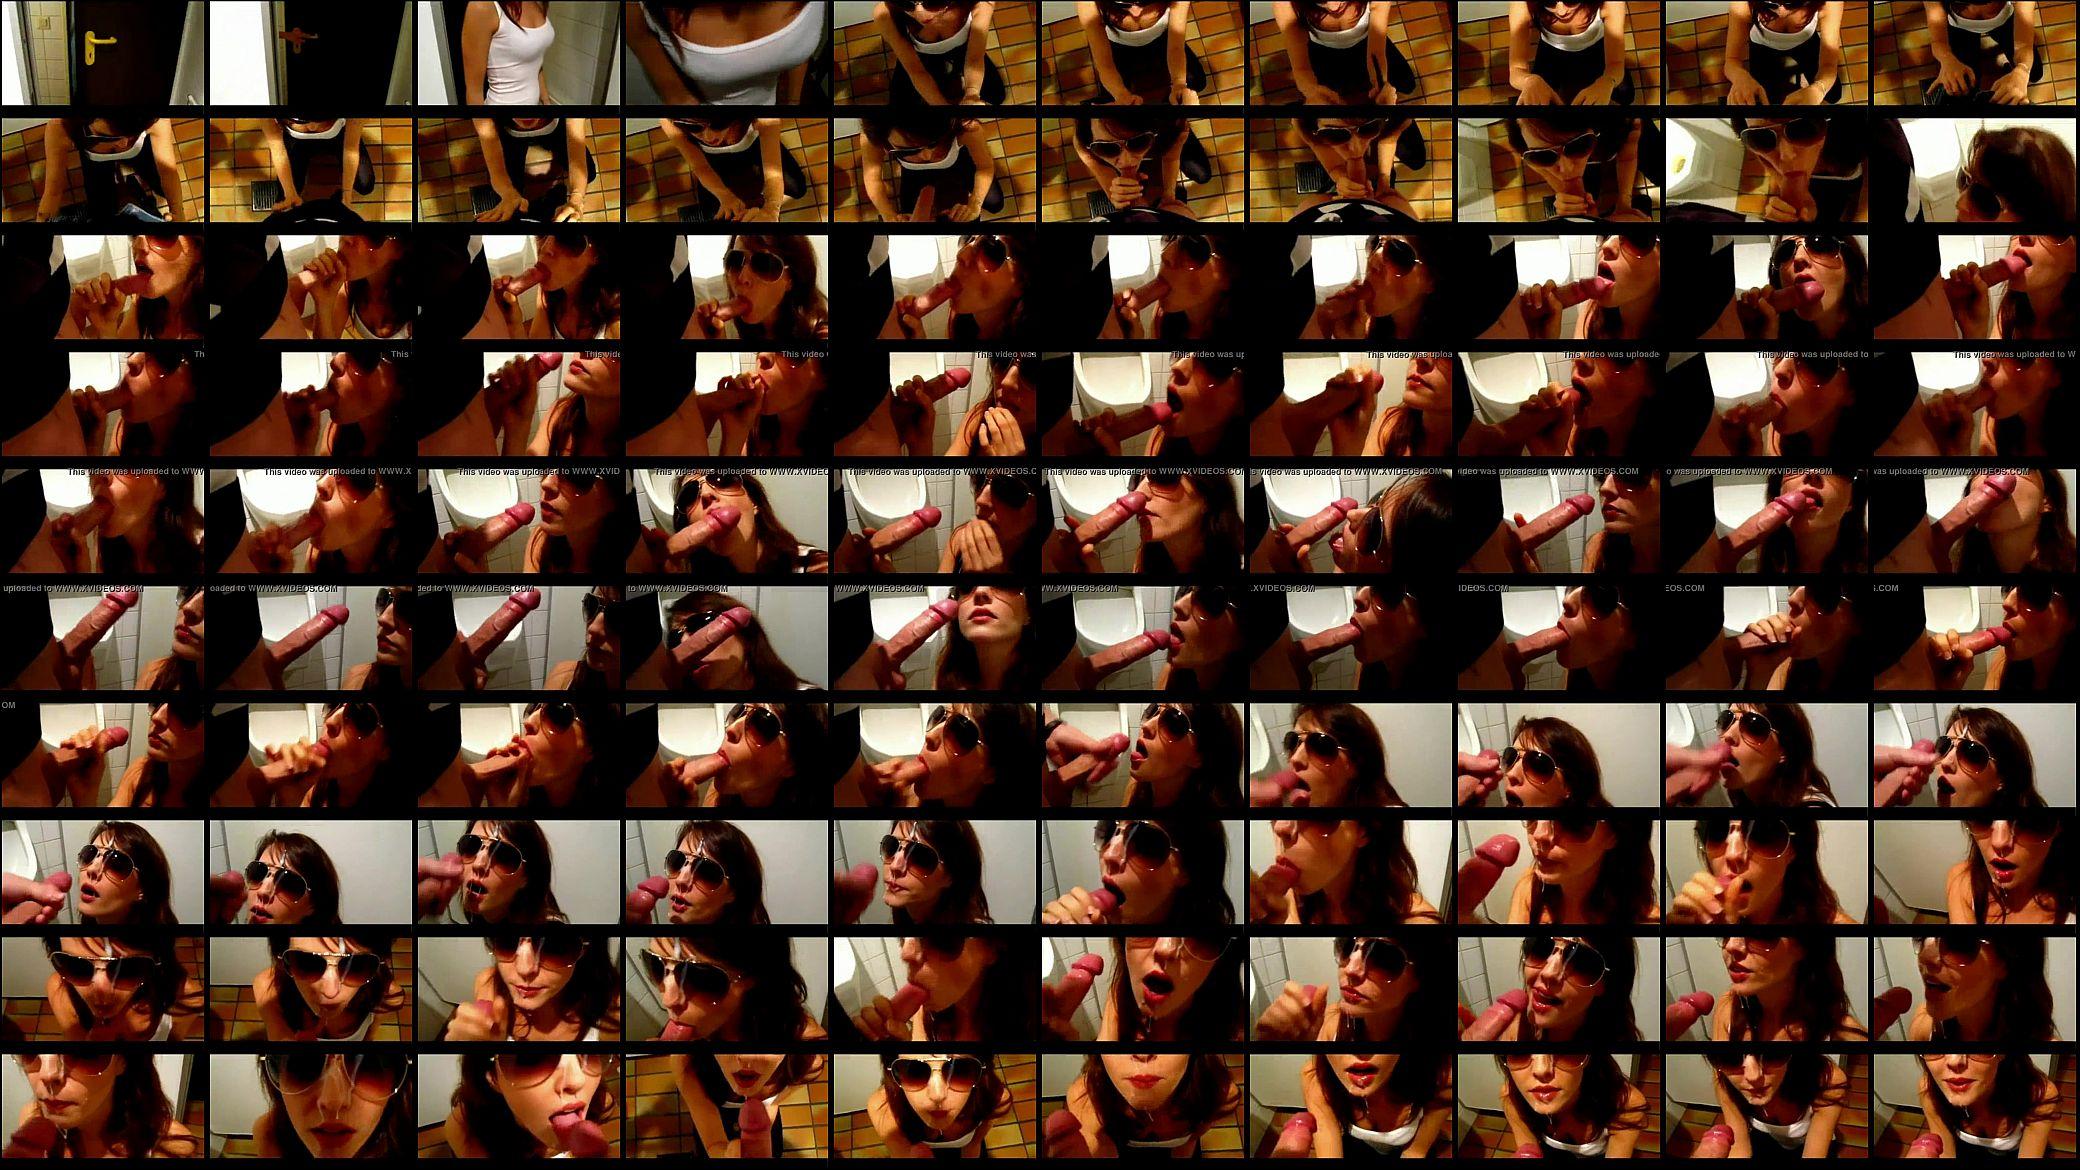 Baños Discoteca Porno me lo mamo en un baño de la disco super relax - xnxx